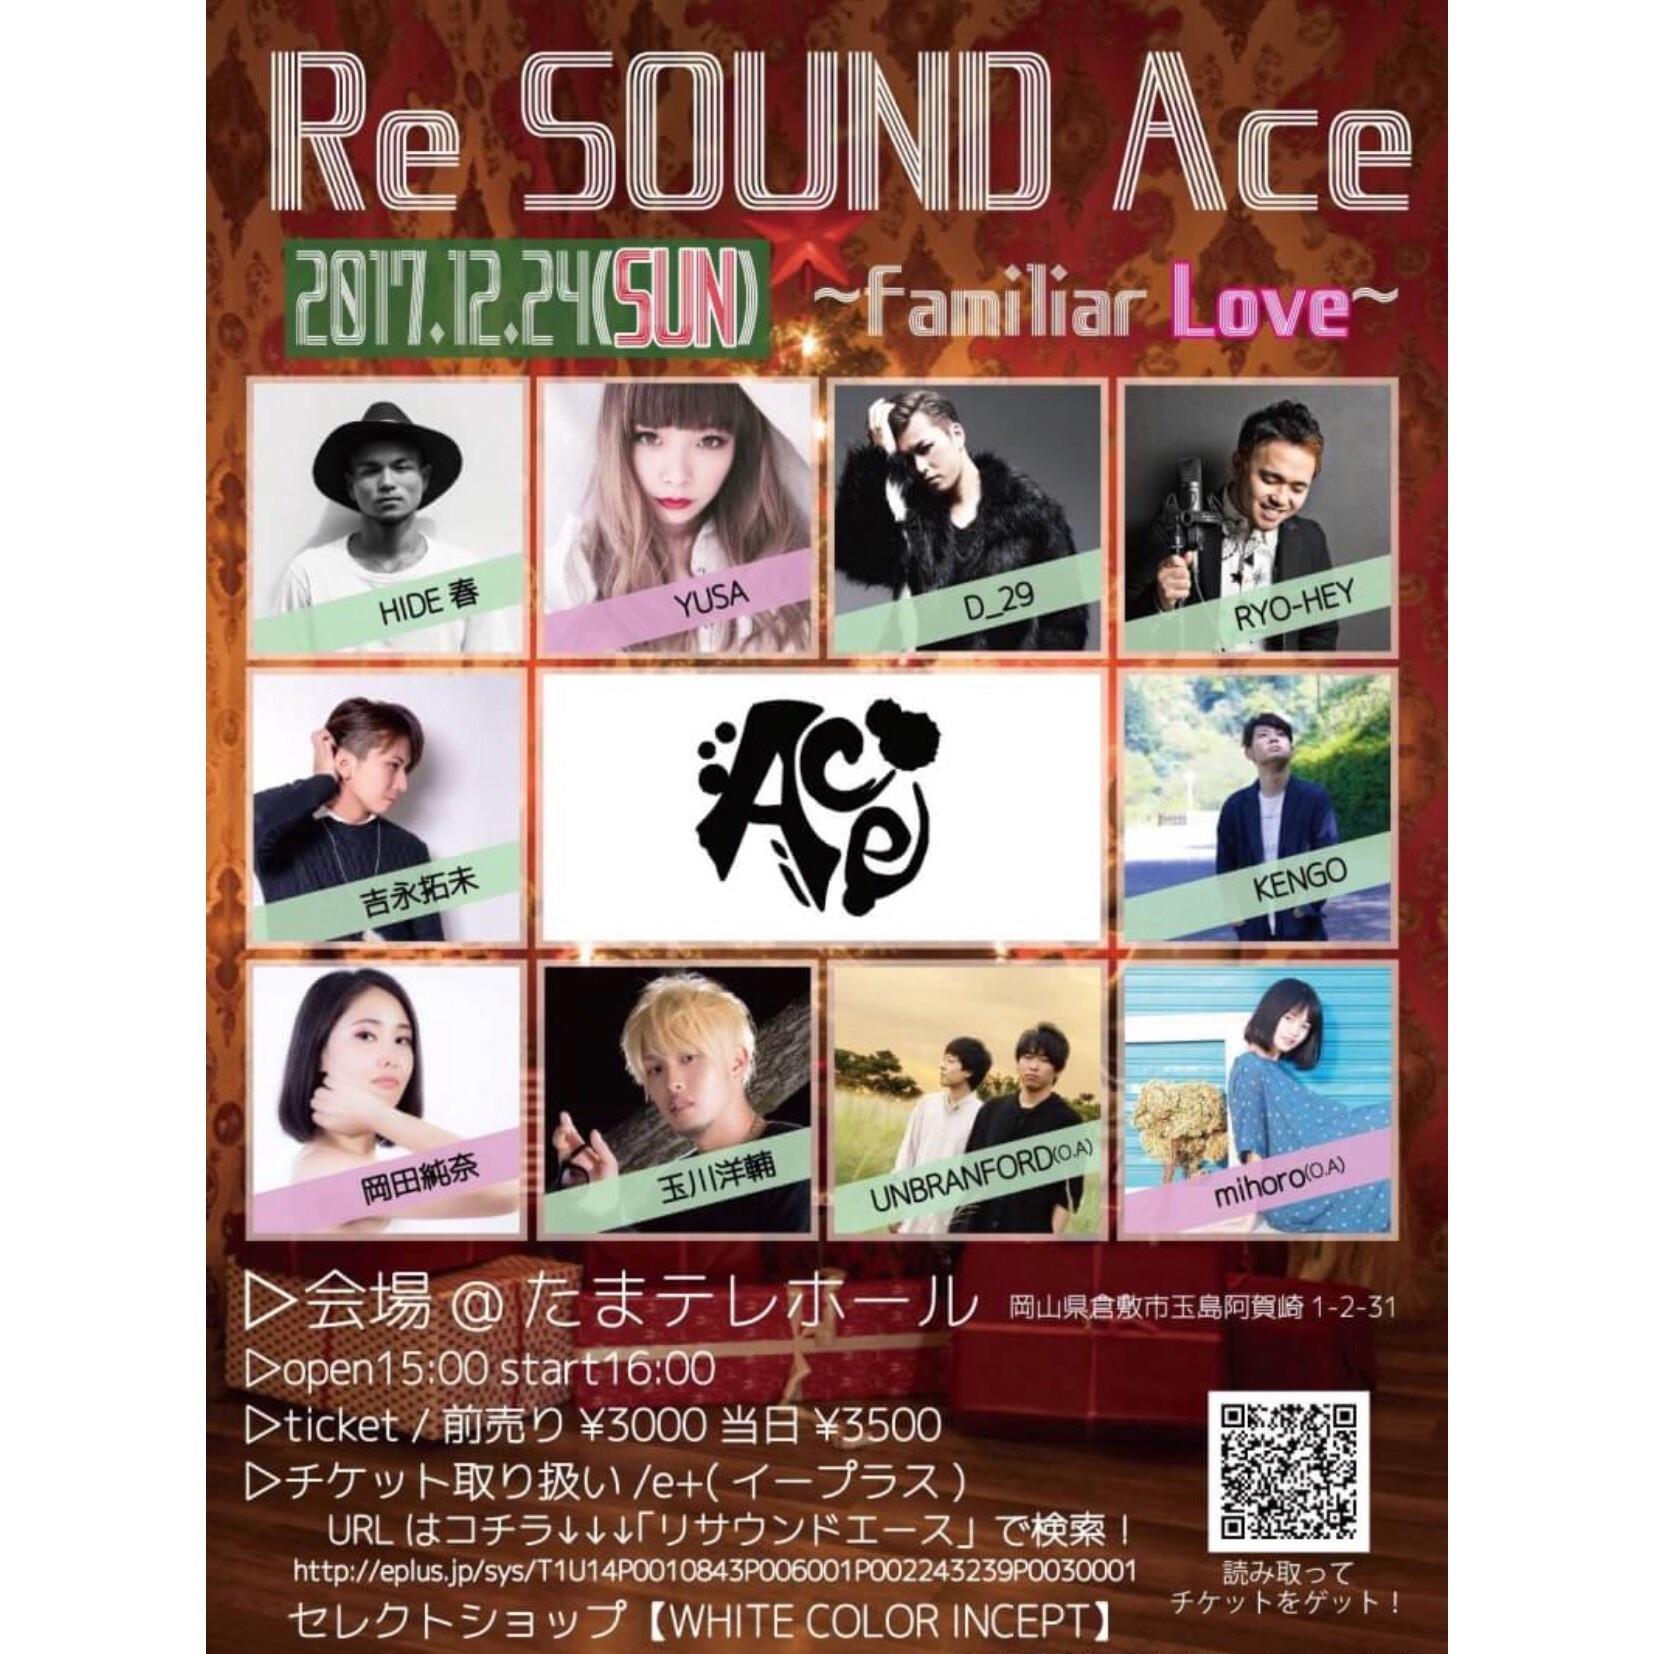 f:id:Yosuke0912:20171212195431j:image